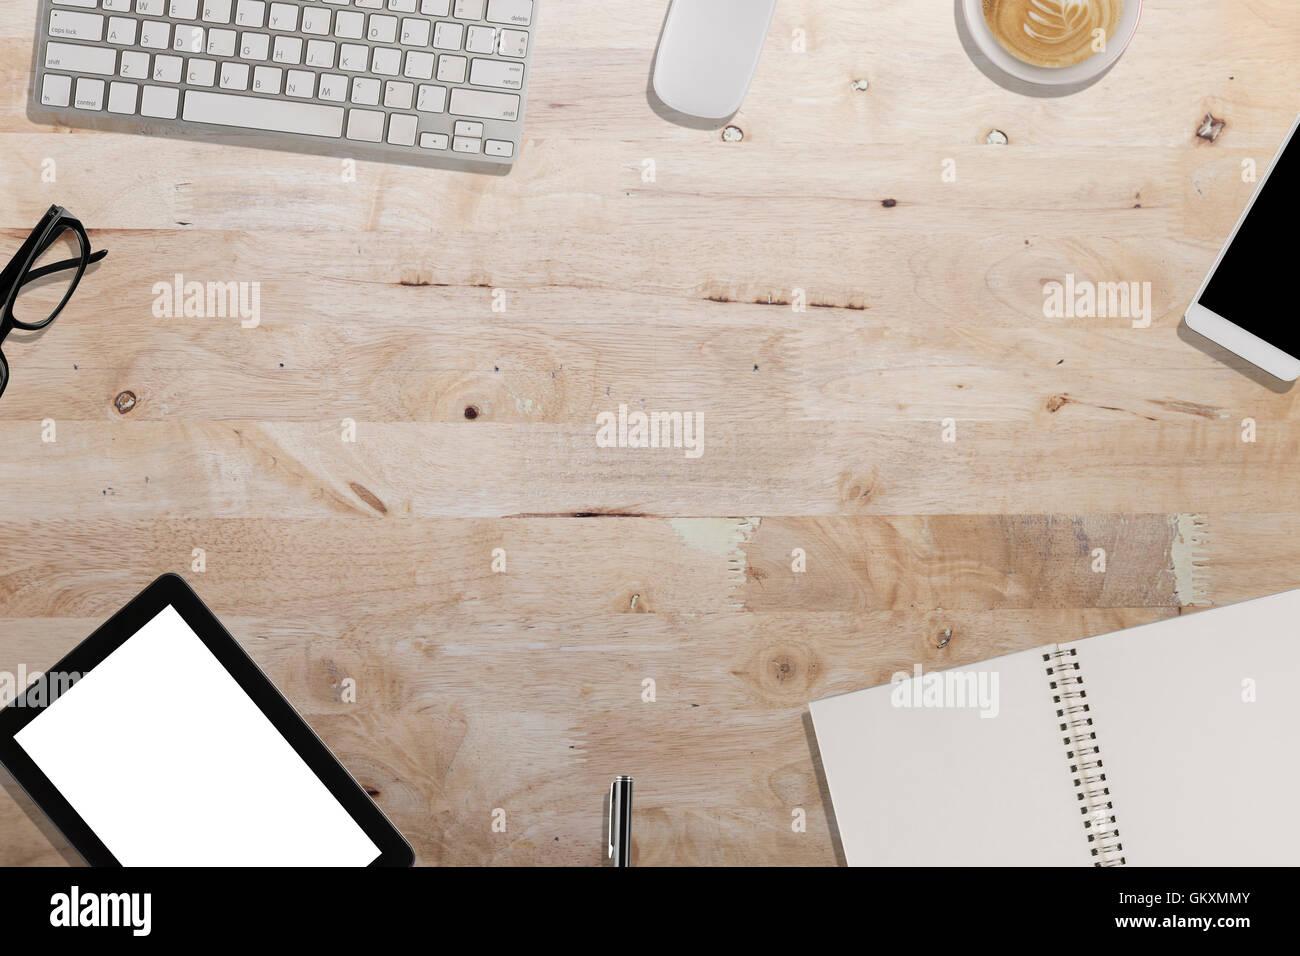 Clavier smartphone tablette ordinateur portable sur un bureau